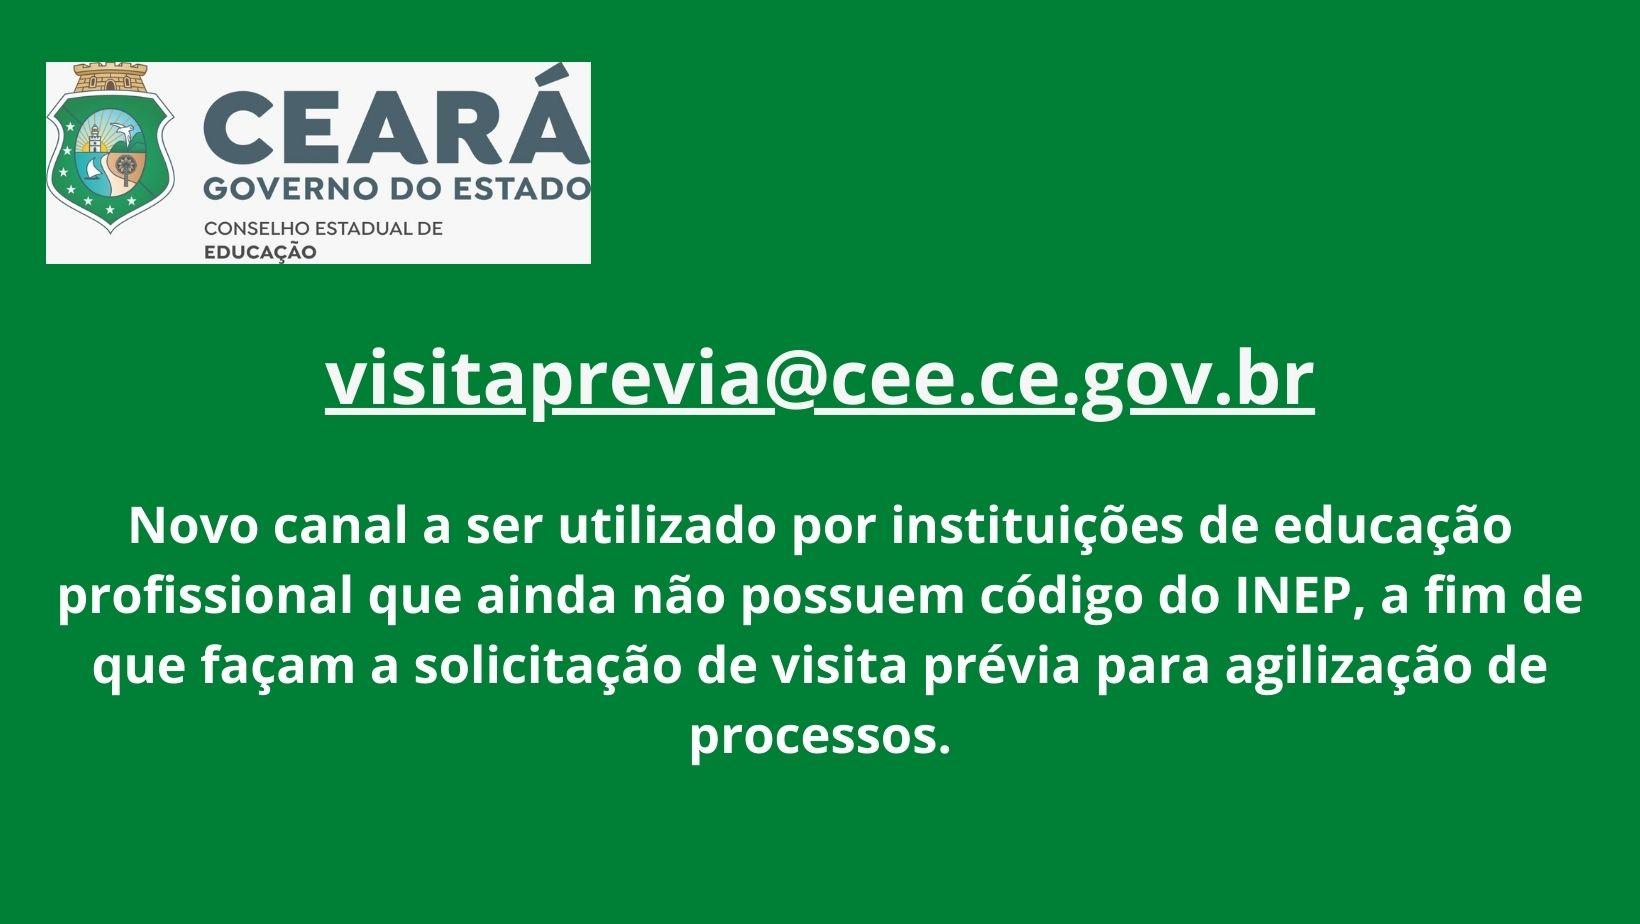 CEE centraliza solicitações de visita prévia a instituições de educação profissional